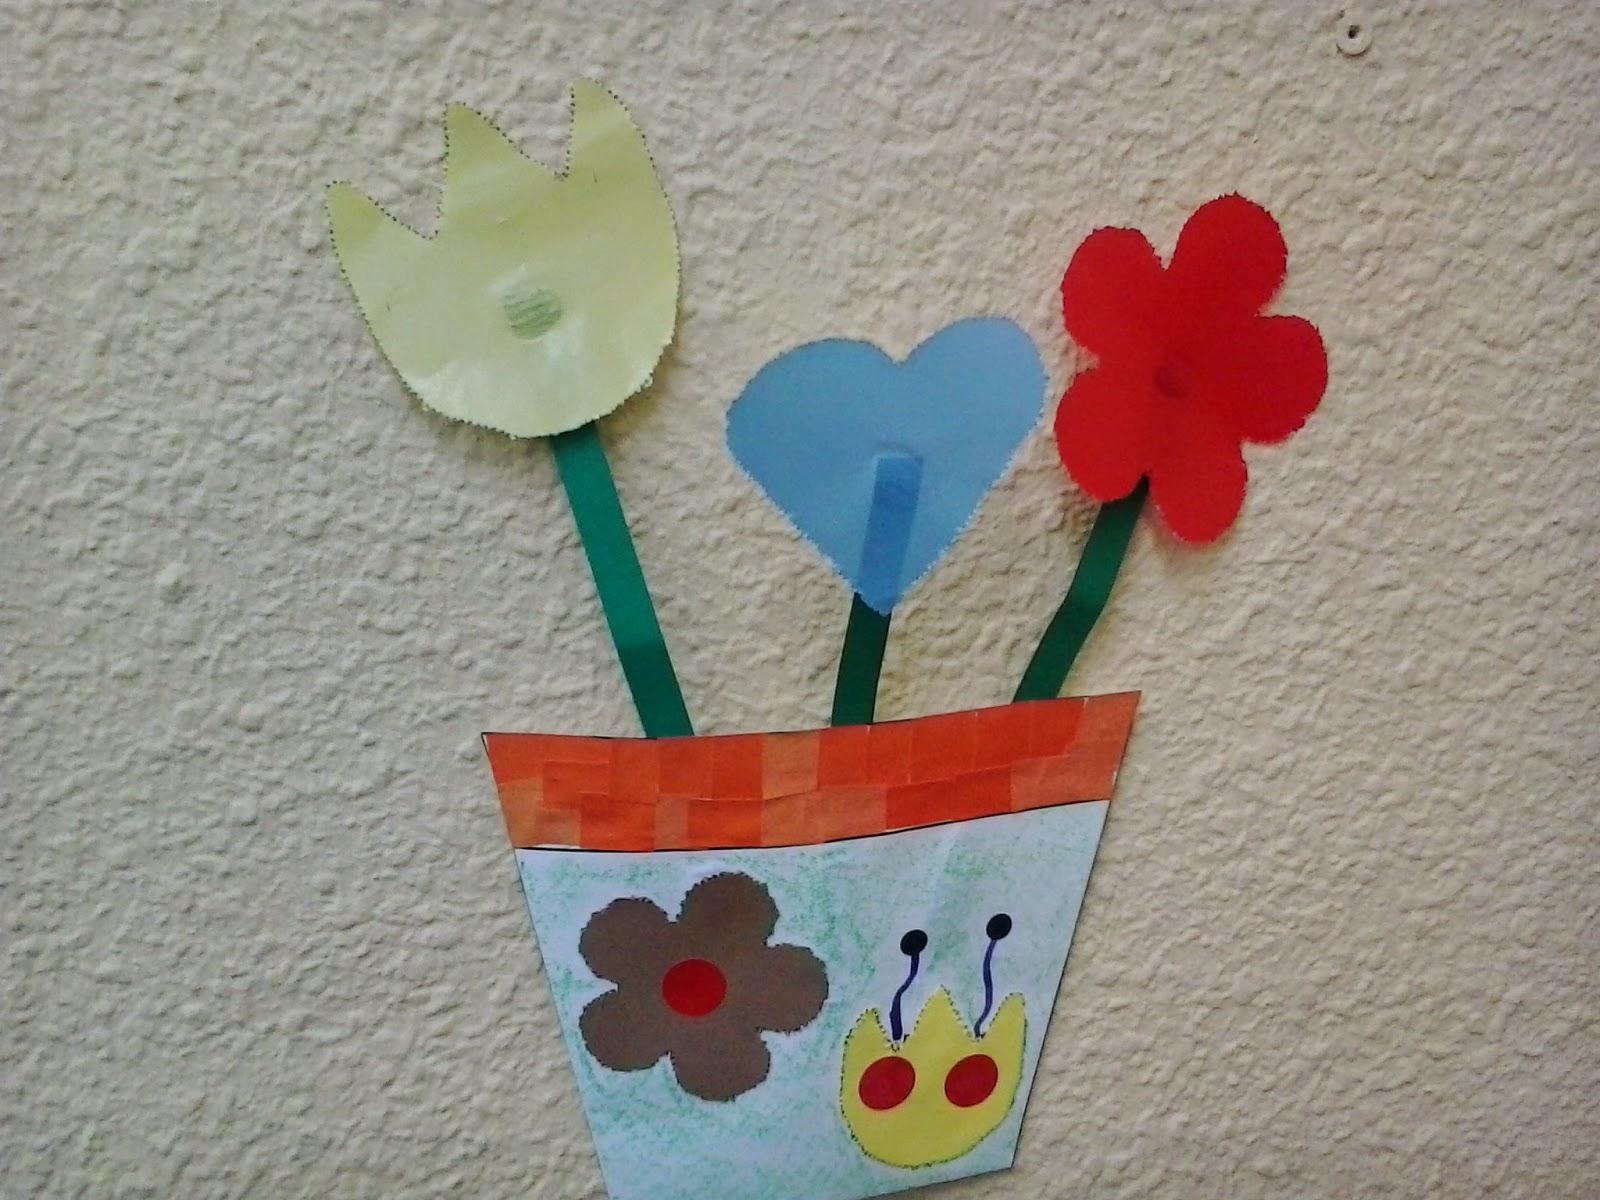 Infantil tambi n lee manualidad maceta de primavera - Papel infantil para pared ...